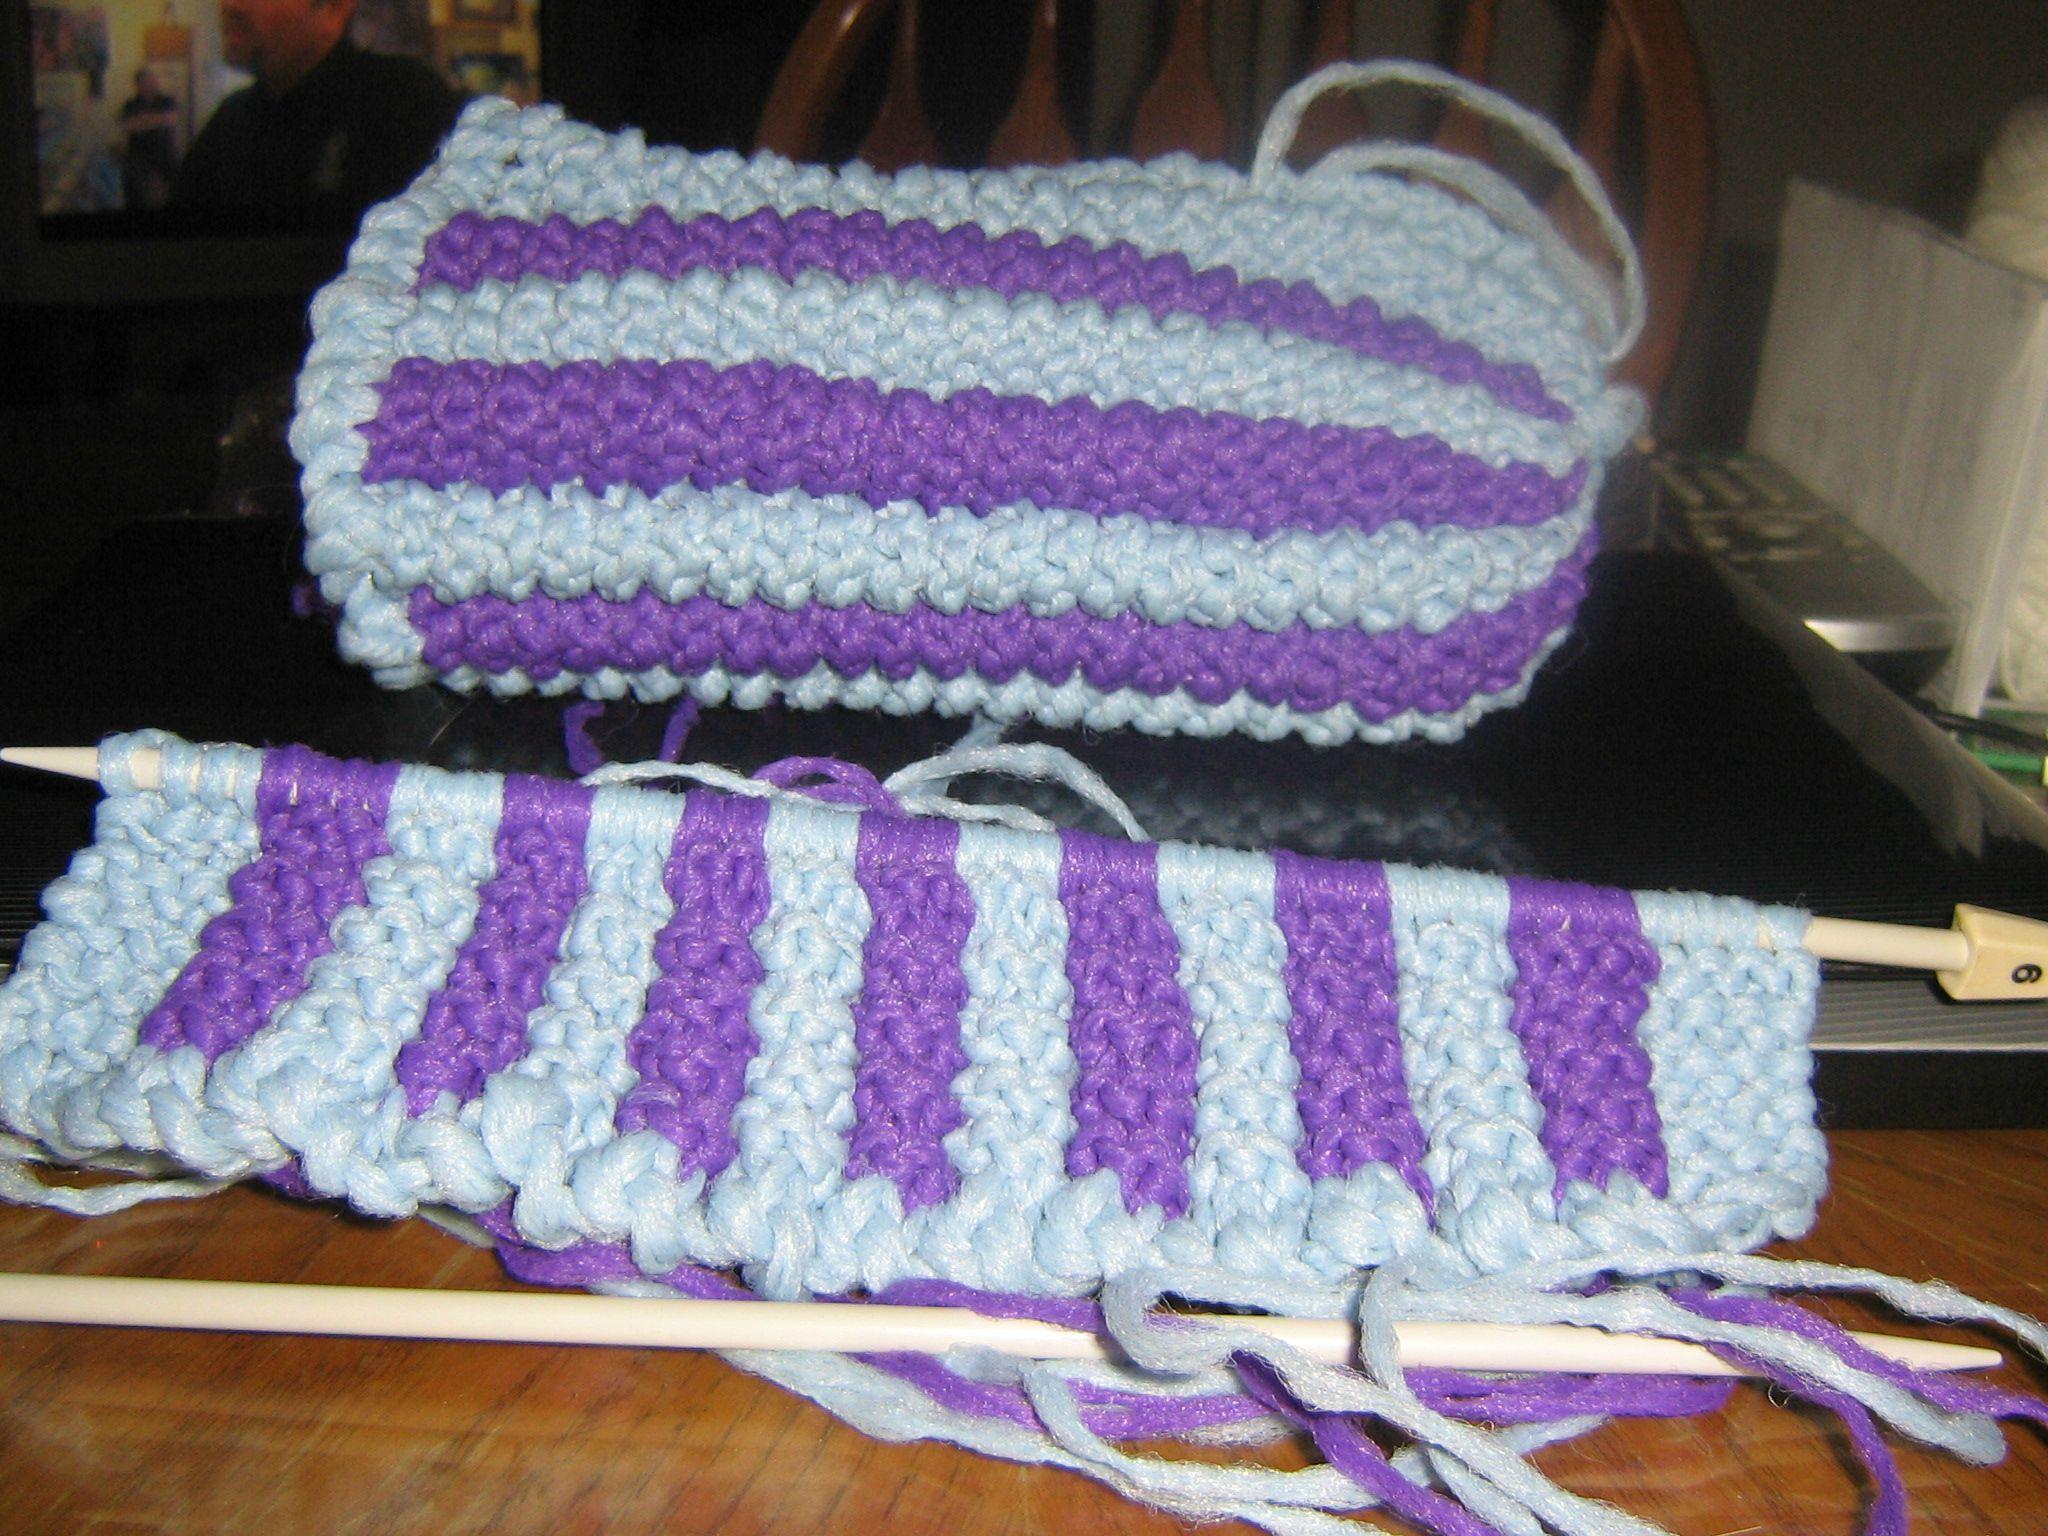 Comment tricoter des pantoufle en phentex hackovanie pinterest crochet knit crochet and - Comment tricoter des chaussettes en laine ...